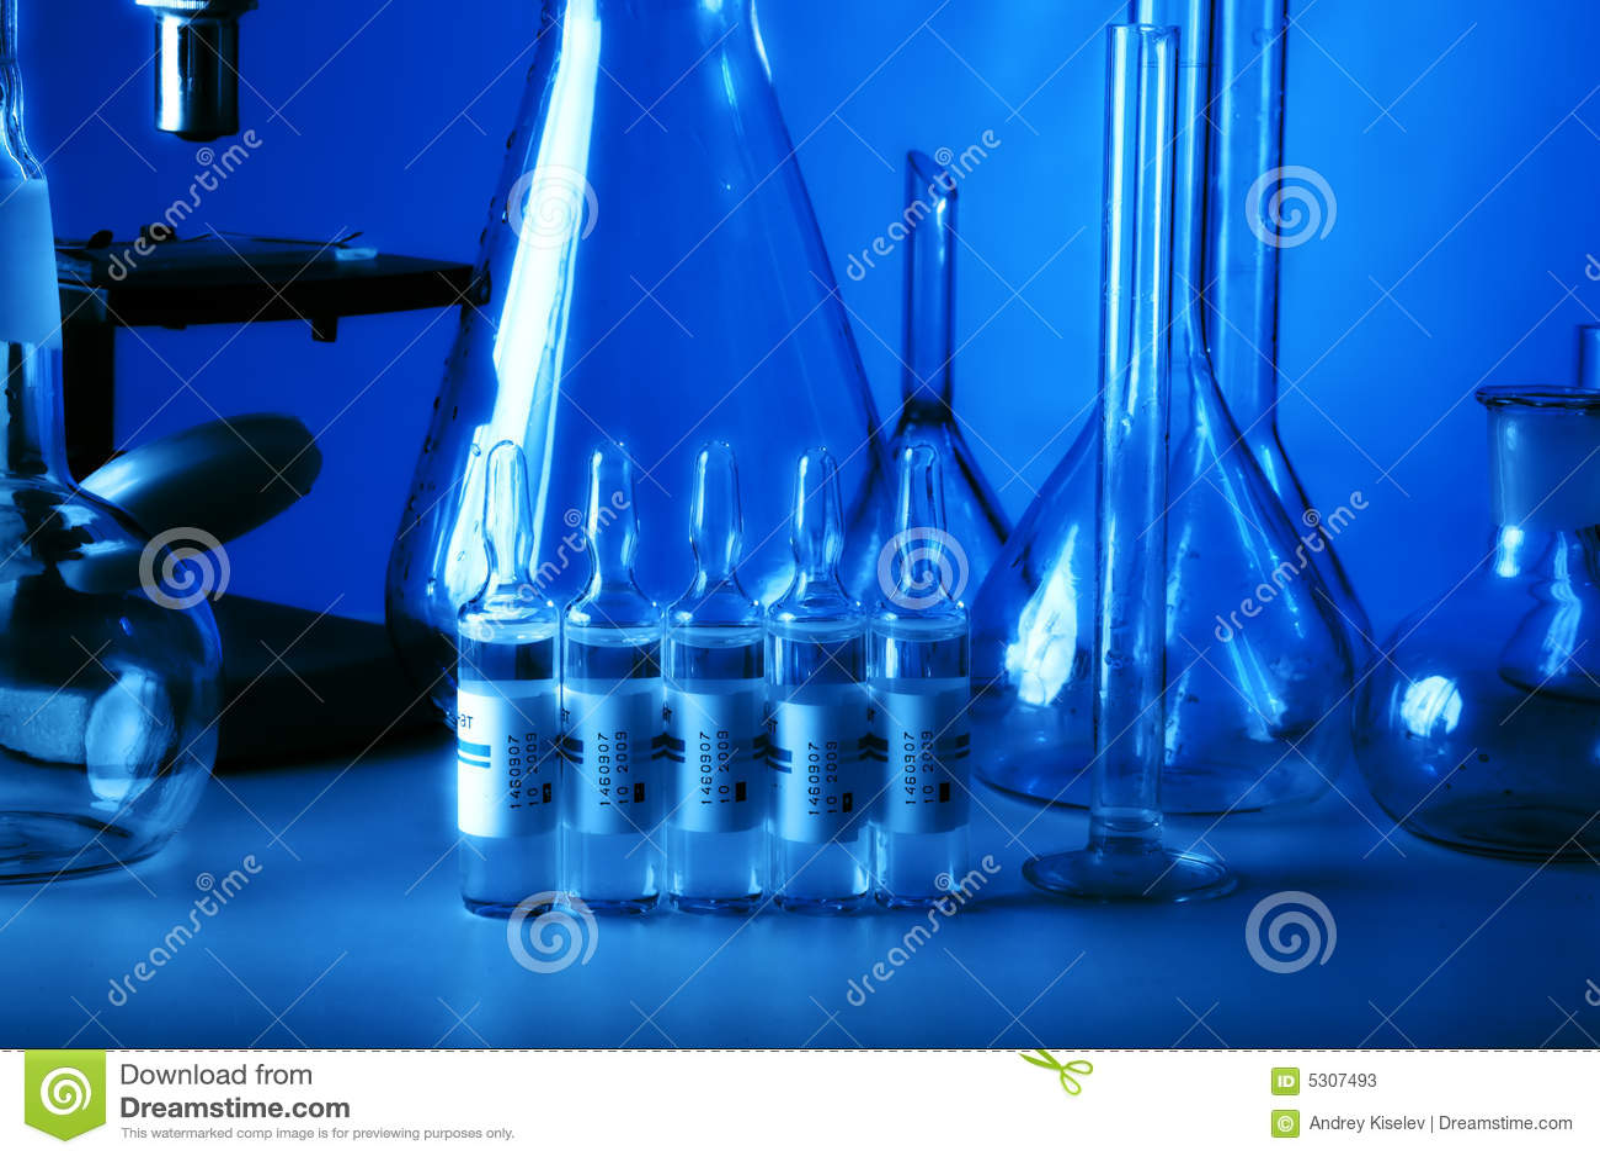 Download Ampolle immagine stock. Immagine di boccetta, farmaco - 5307493